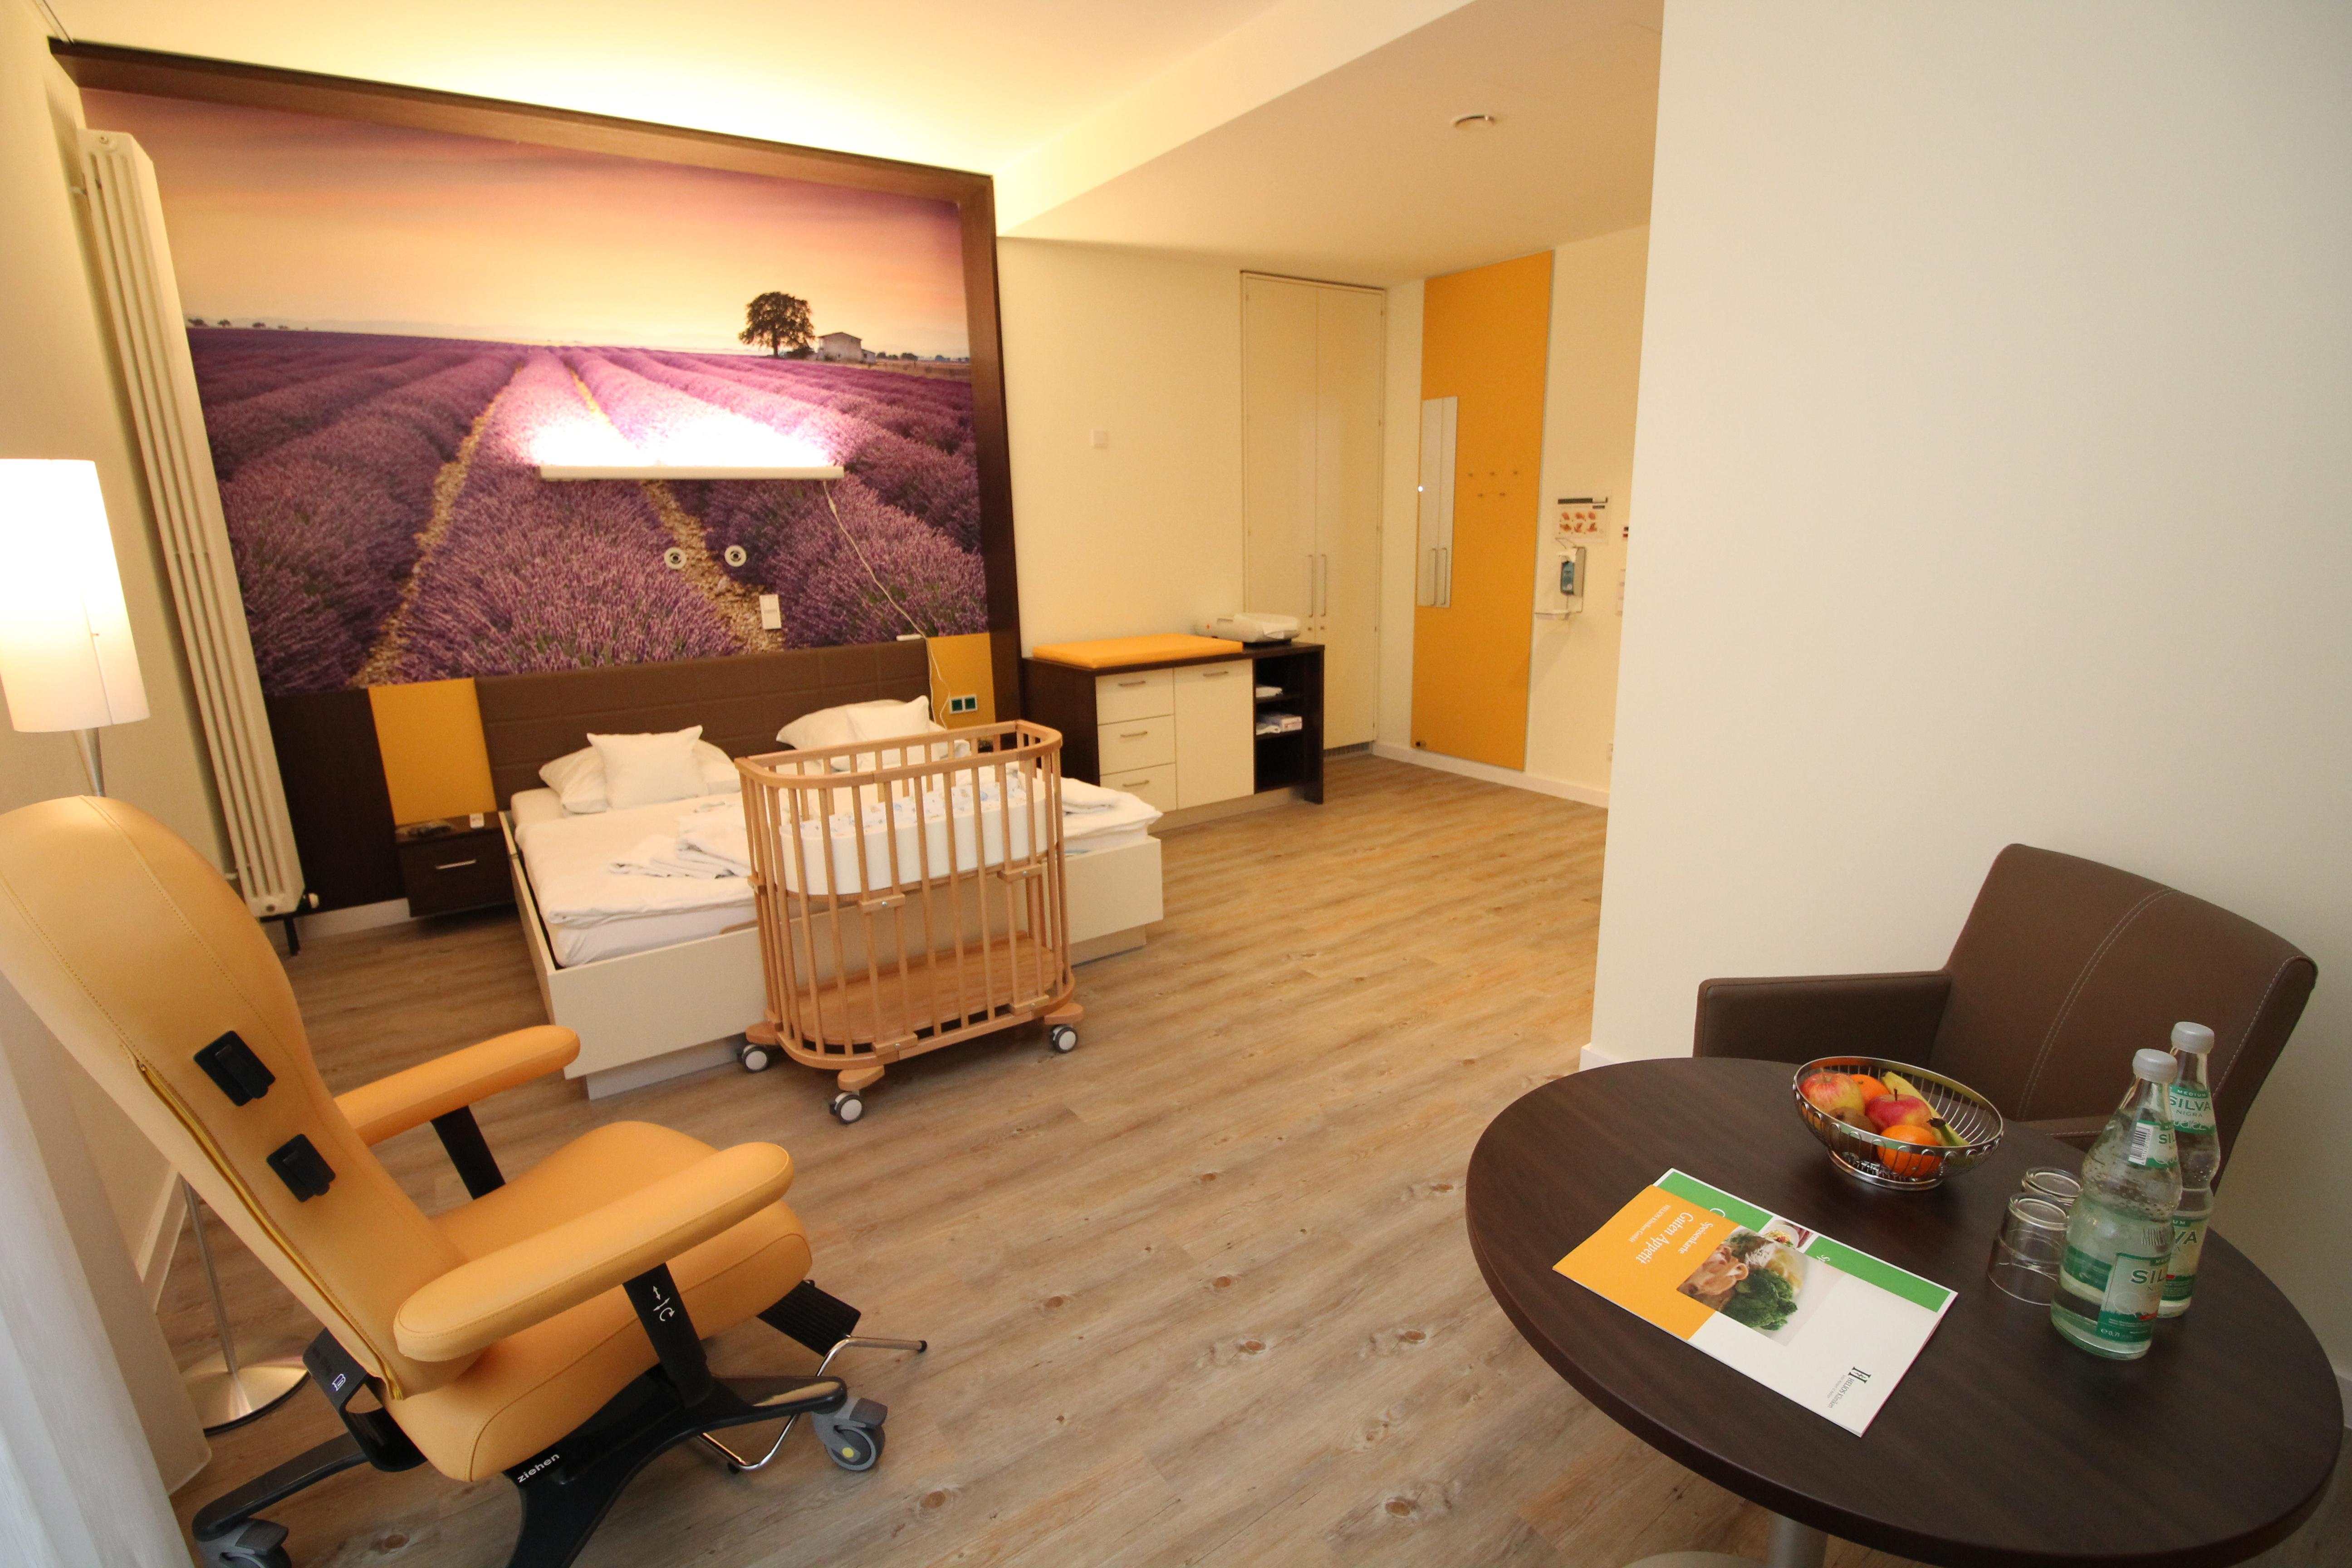 Großartig Moderne Familienzimmer Farben Fotos - Images for ...